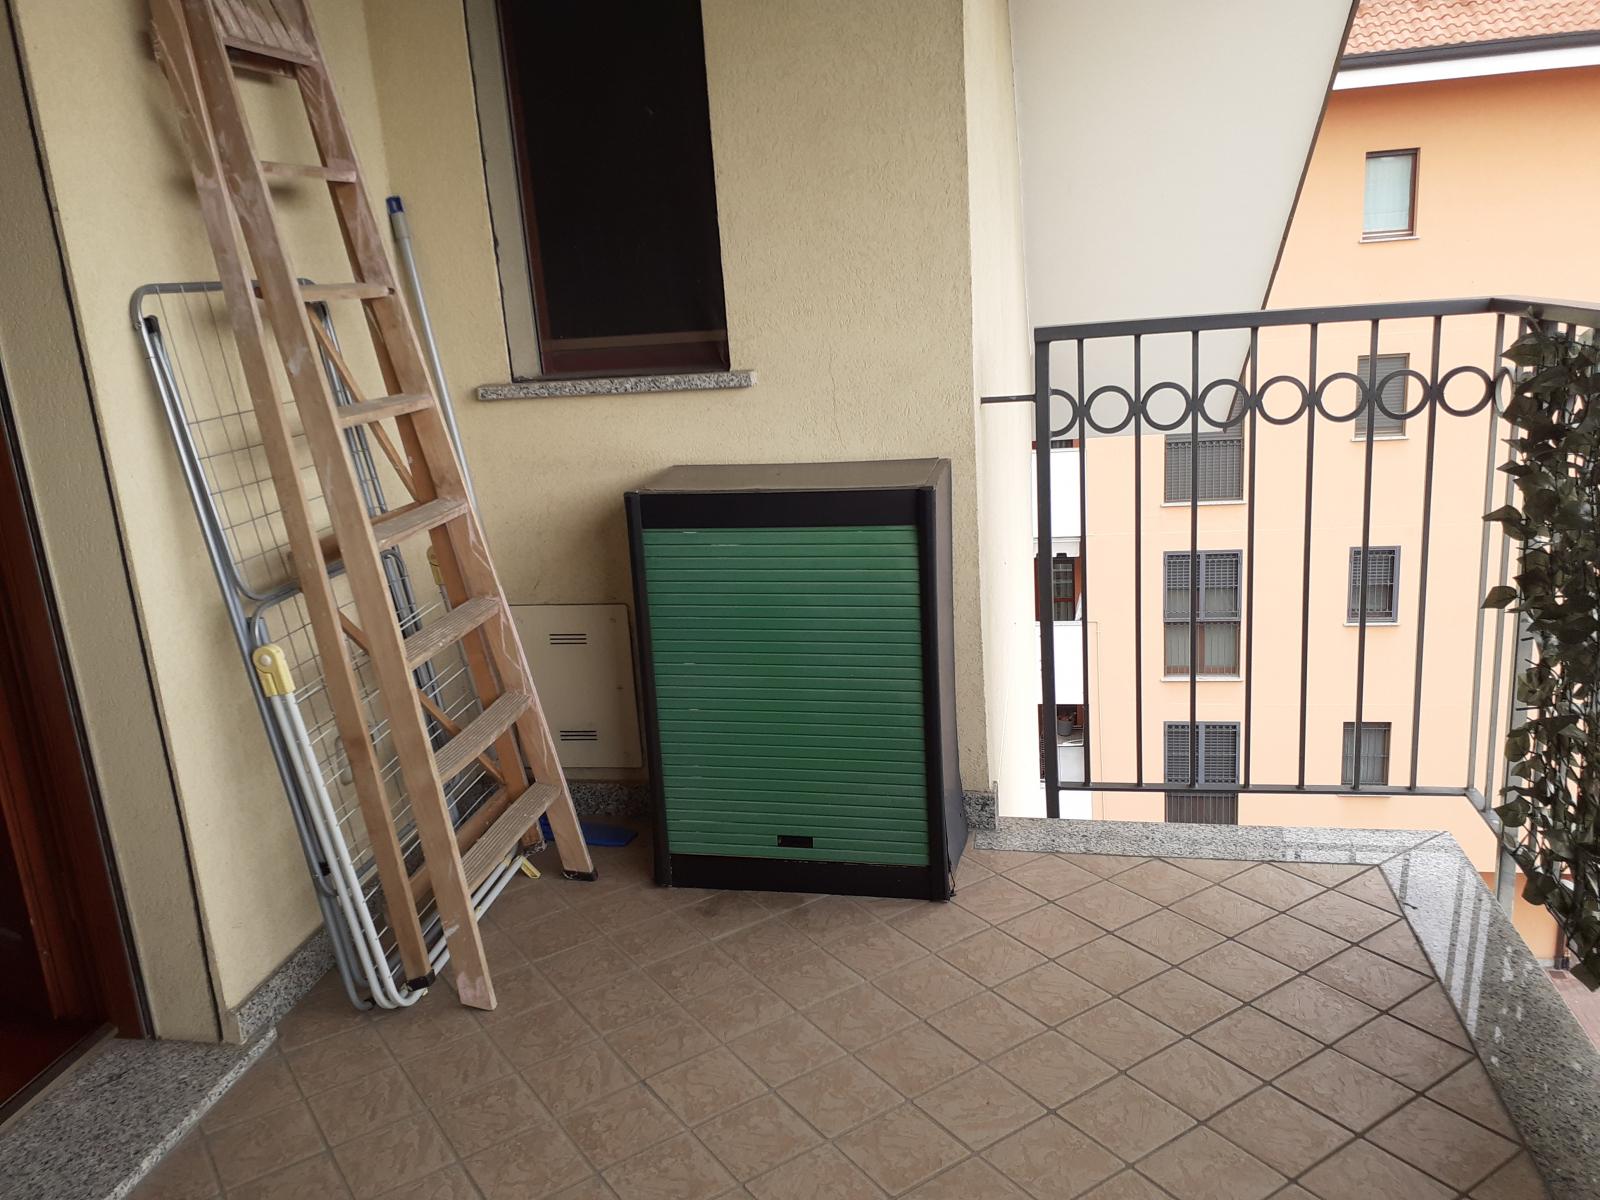 appartamento-in-vendita-bareggio-2-locali-bilocale-spaziourbano-immobiliare-vende-3